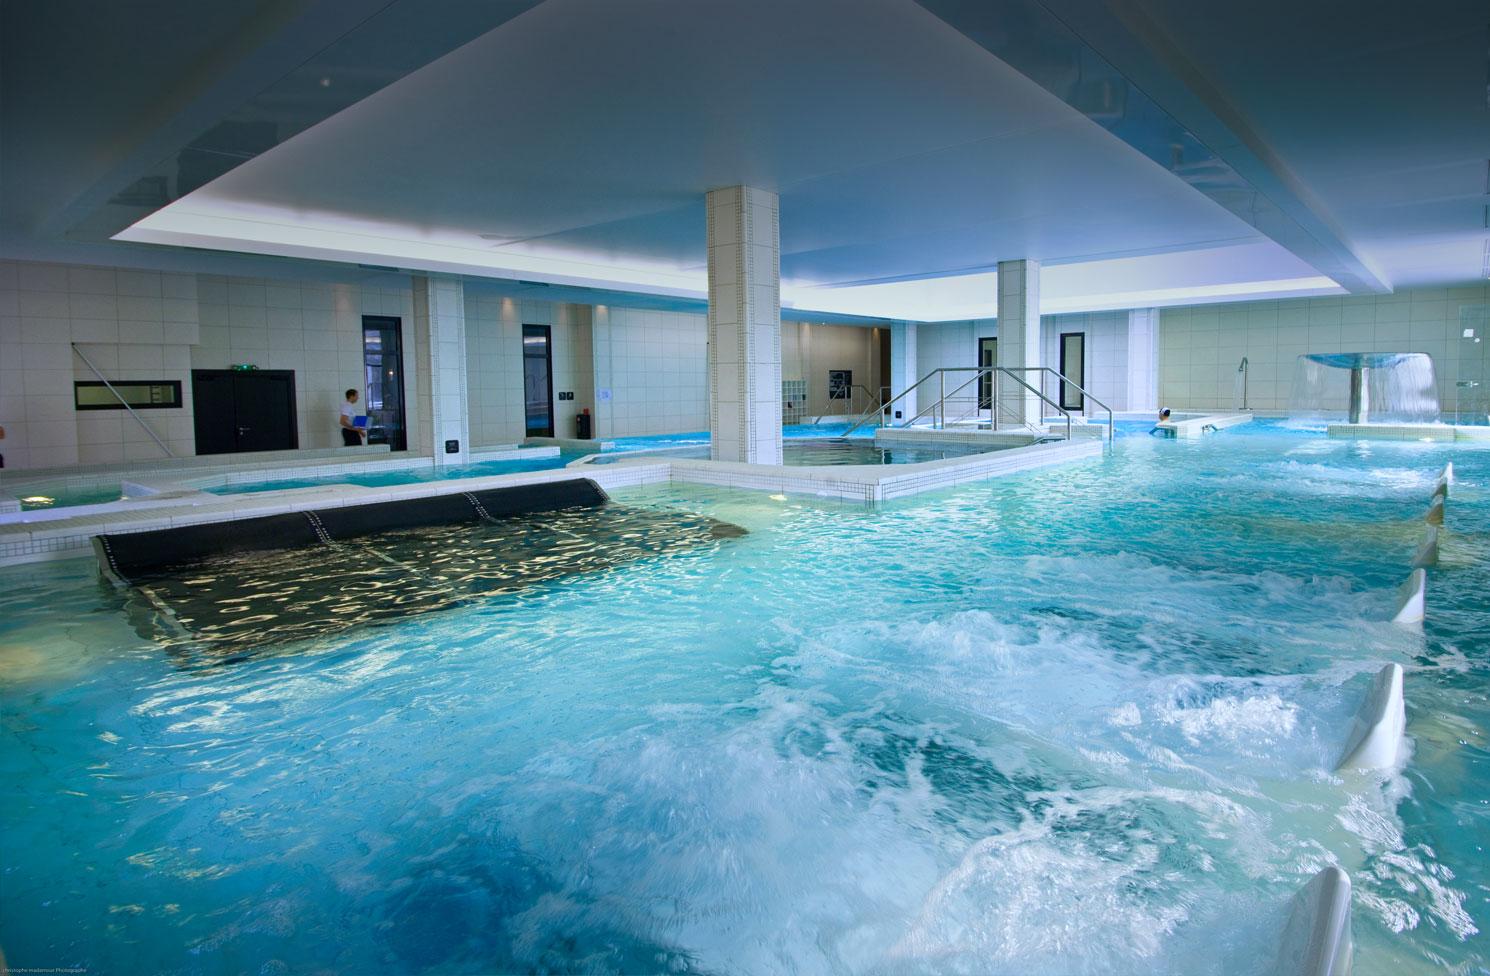 Aquatonic Pool Thermes Marins Spa Aquatonic